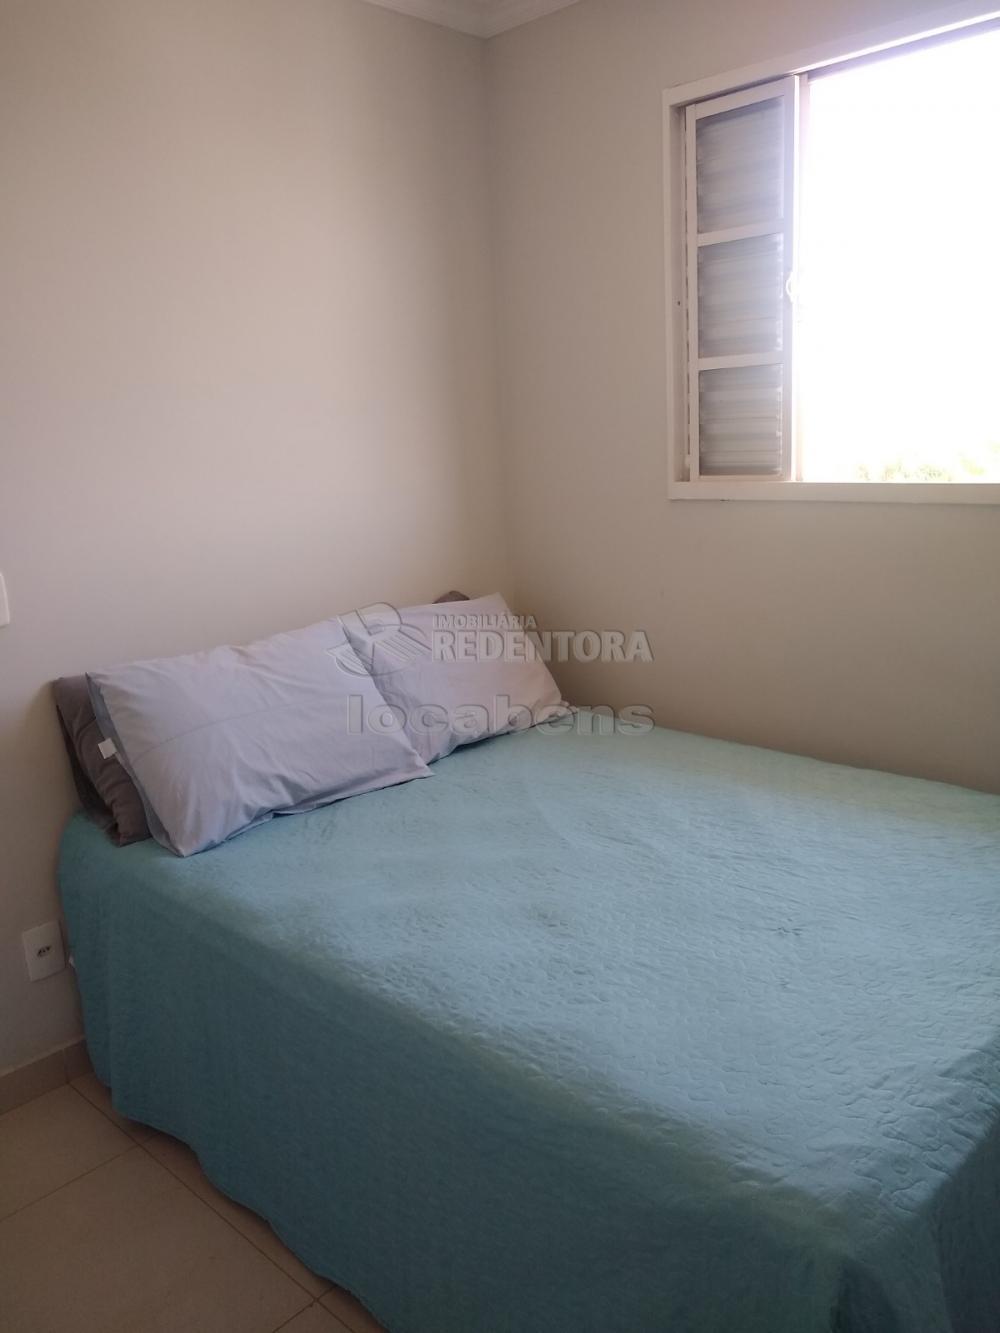 Comprar Apartamento / Padrão em São José do Rio Preto R$ 165.000,00 - Foto 30